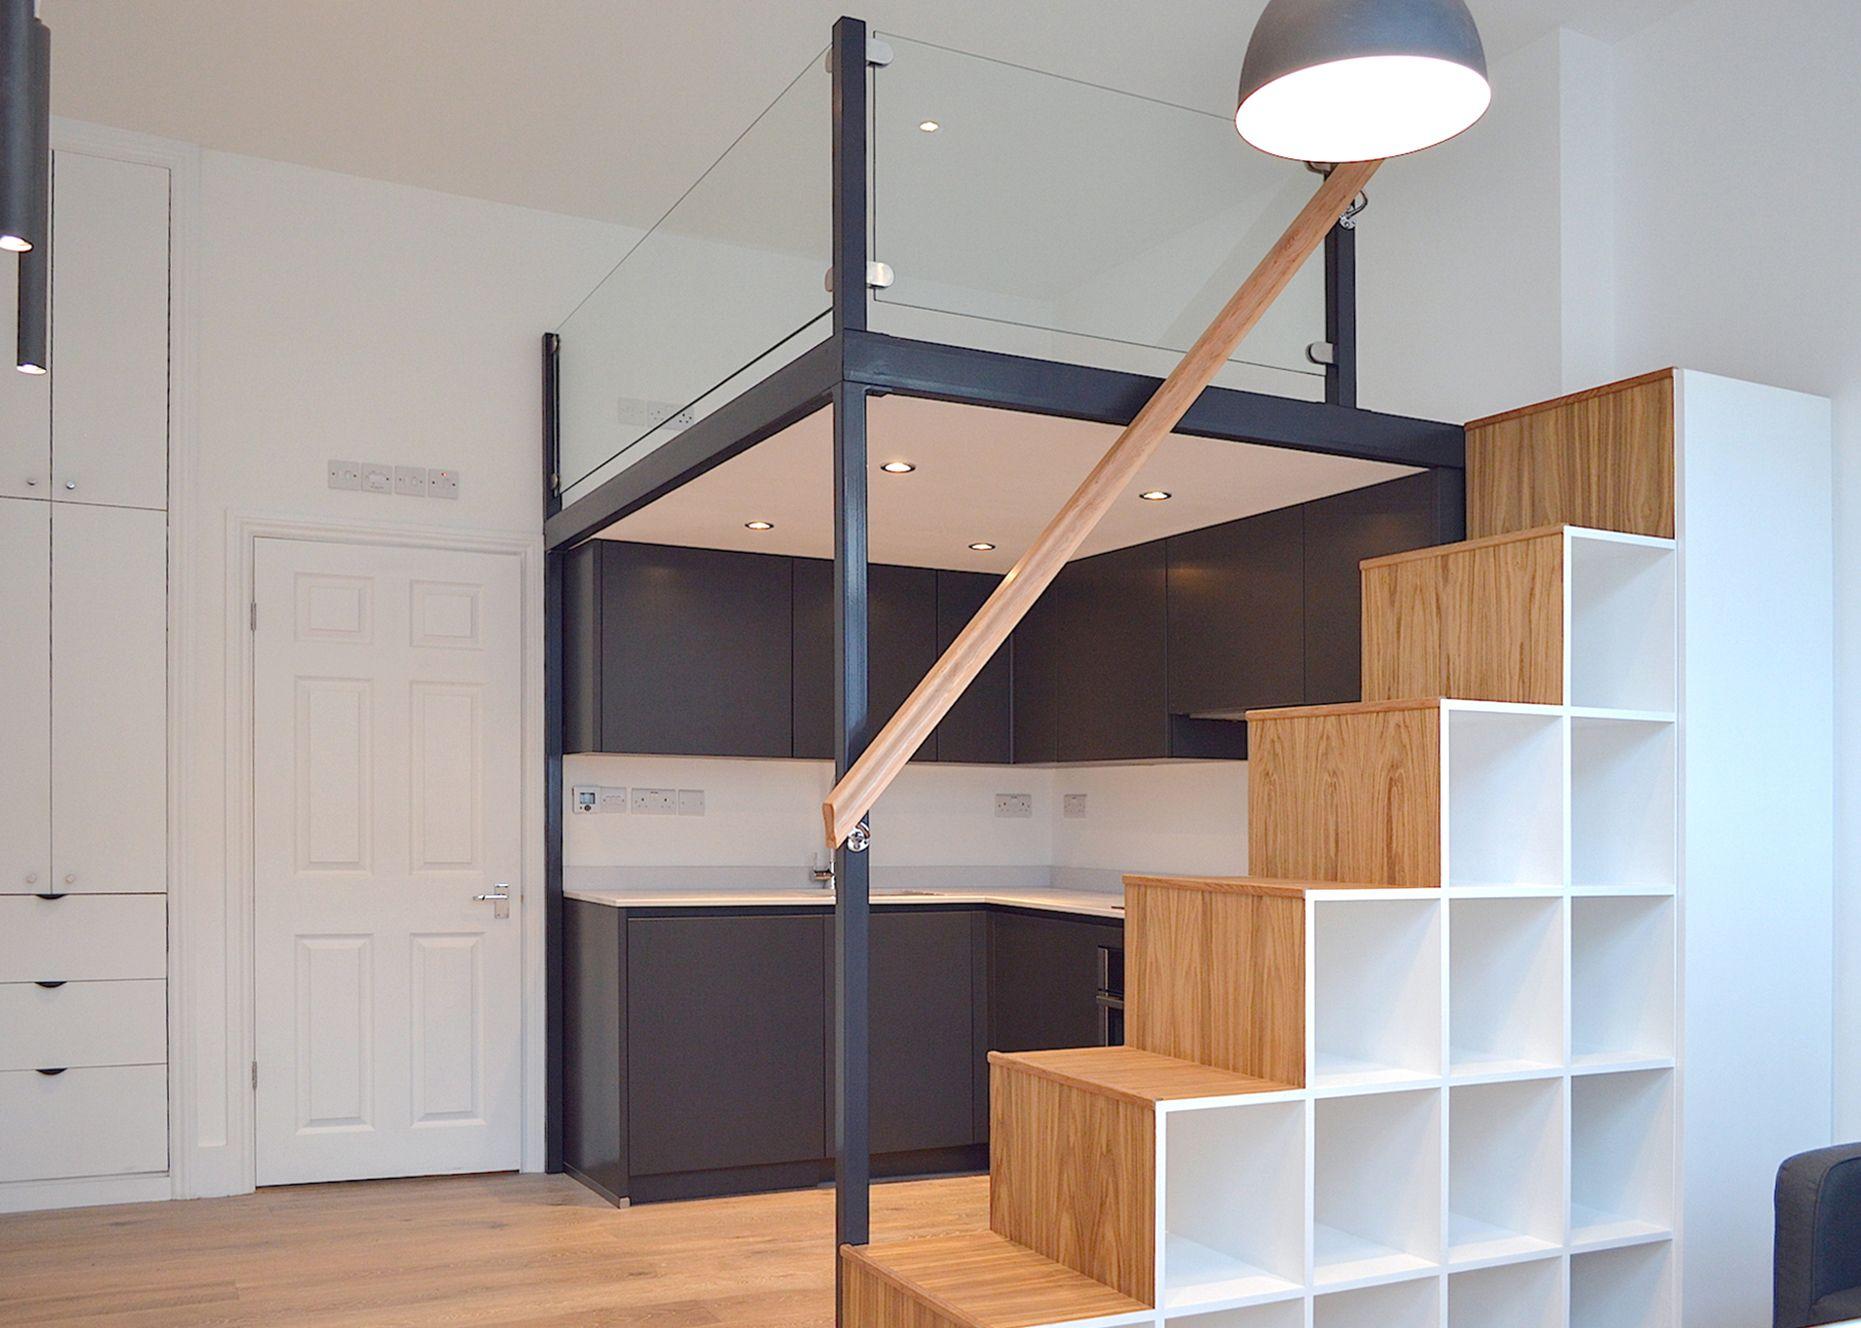 Best Scandinavian Loft Bespoke Design Compact Living 400 x 300